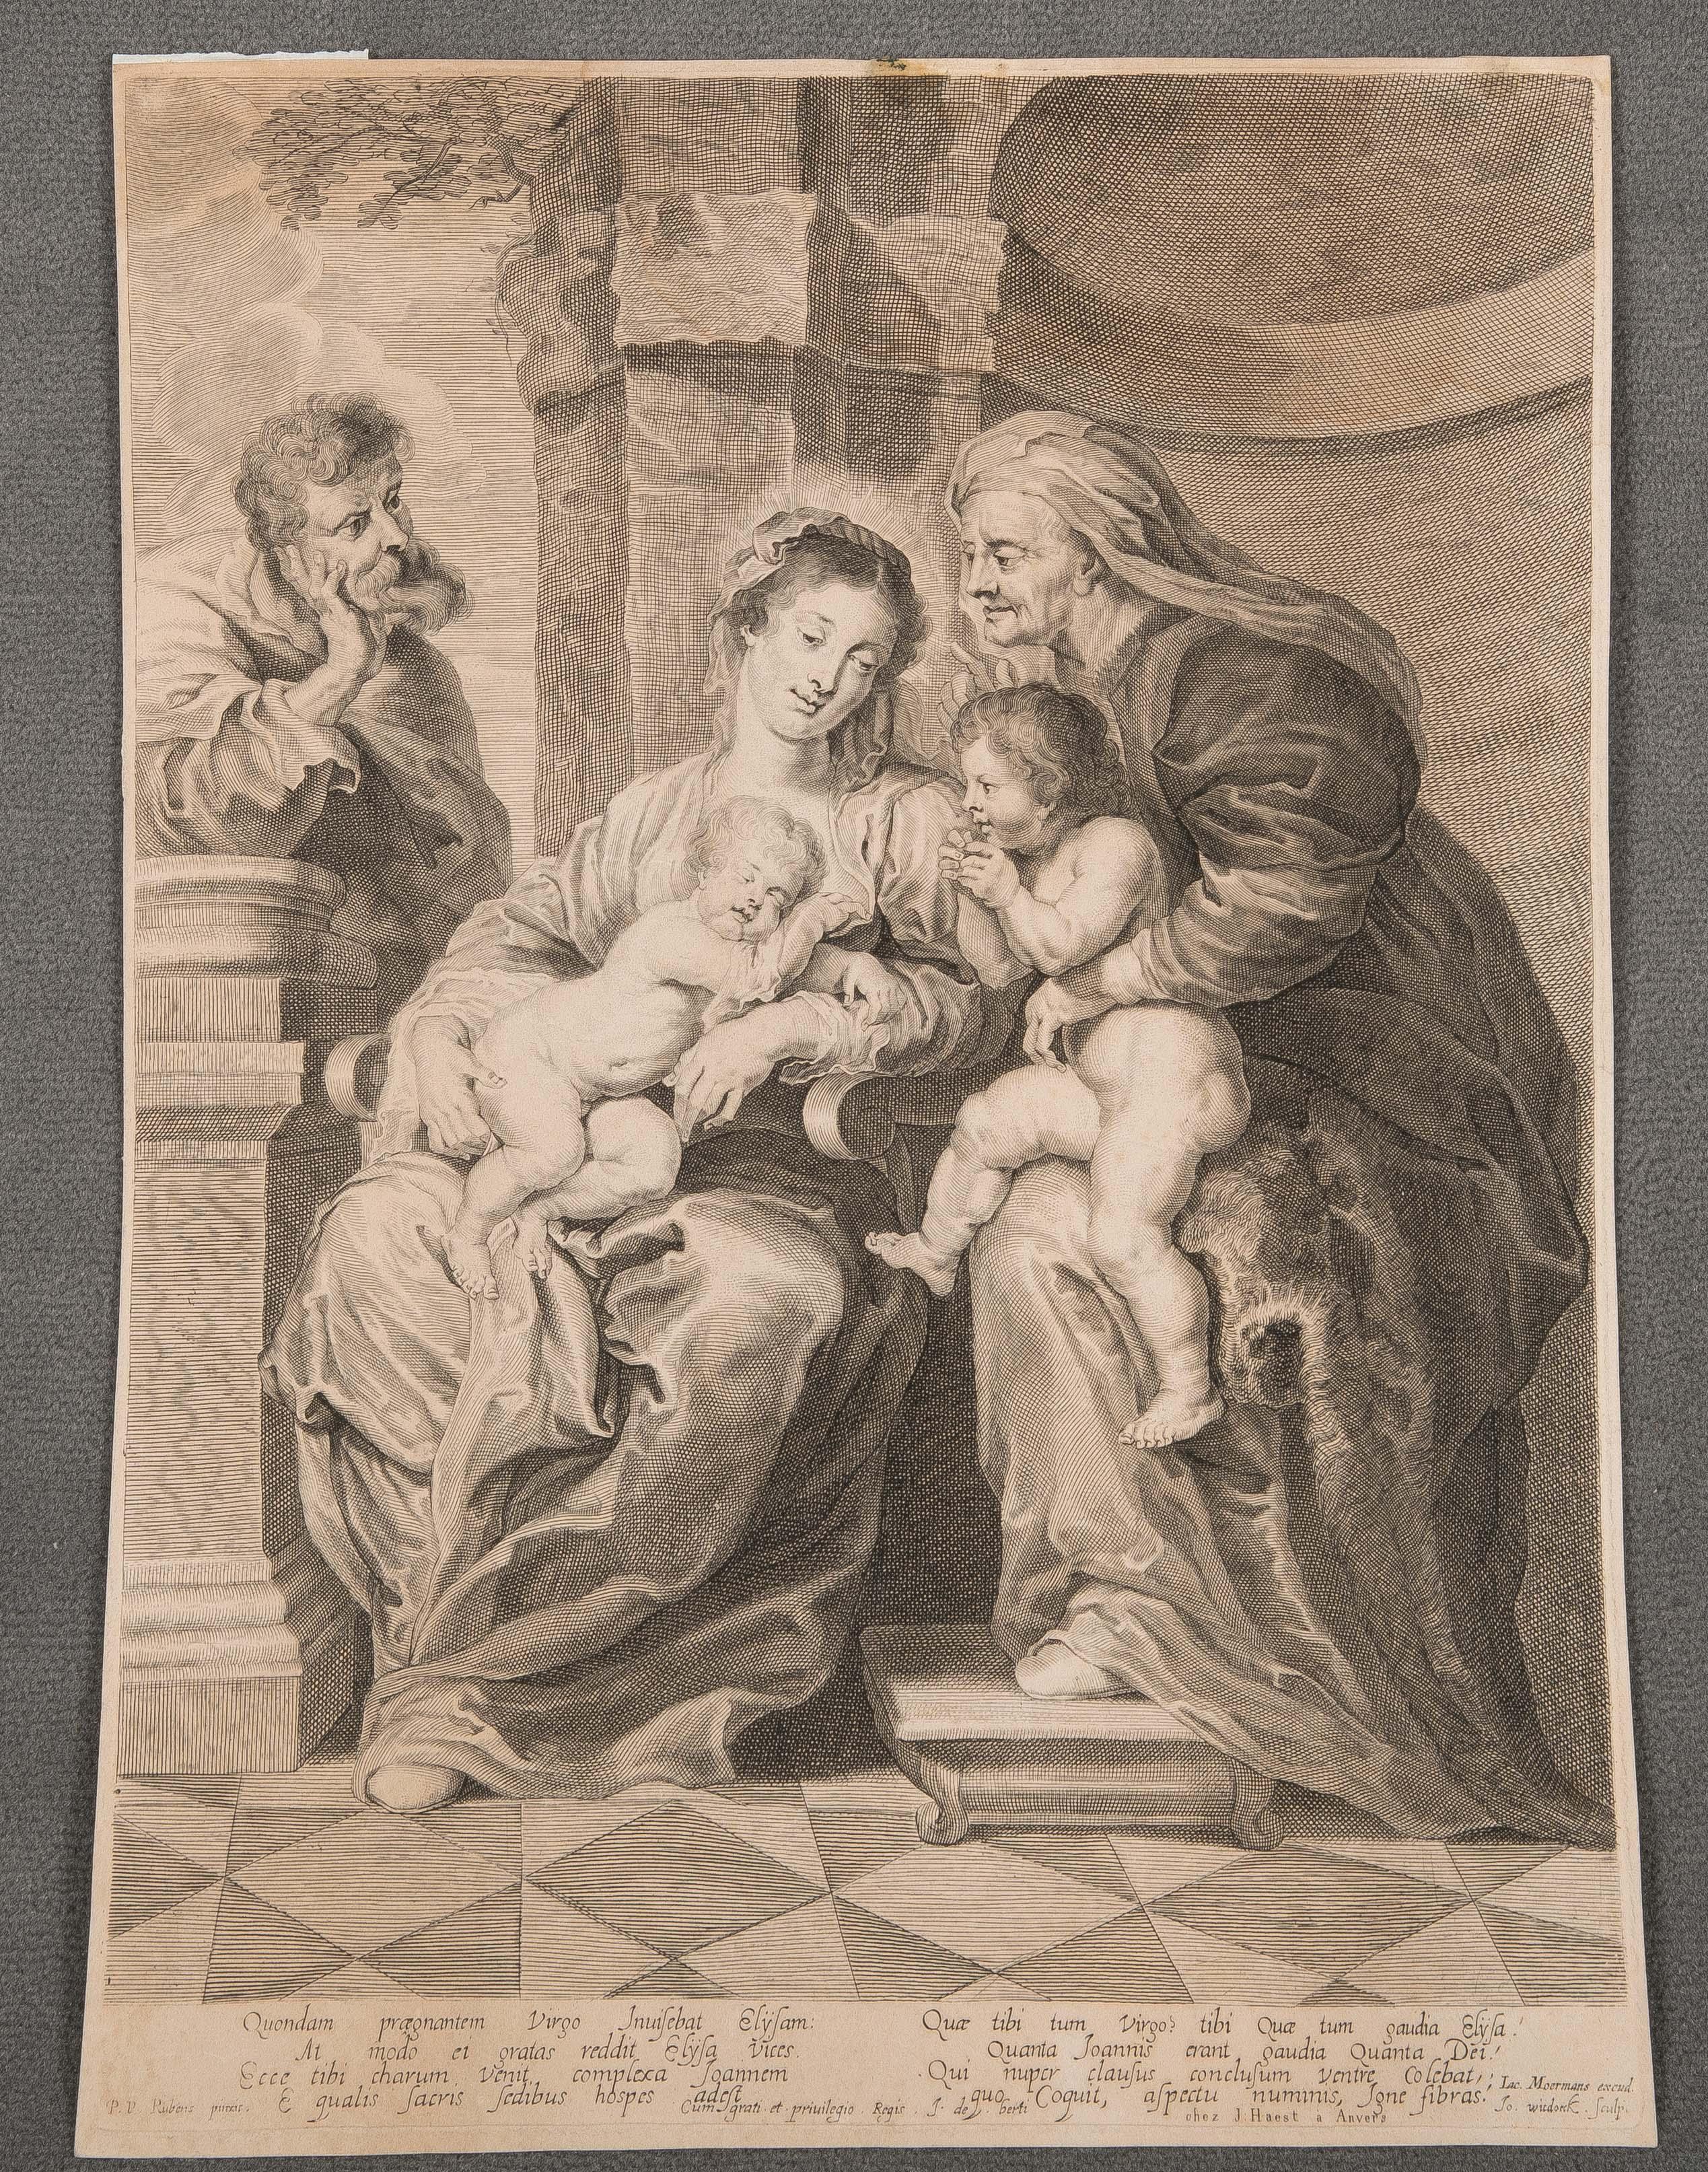 Source: Antiquitäten Metz GmbH – Kunstauktionen